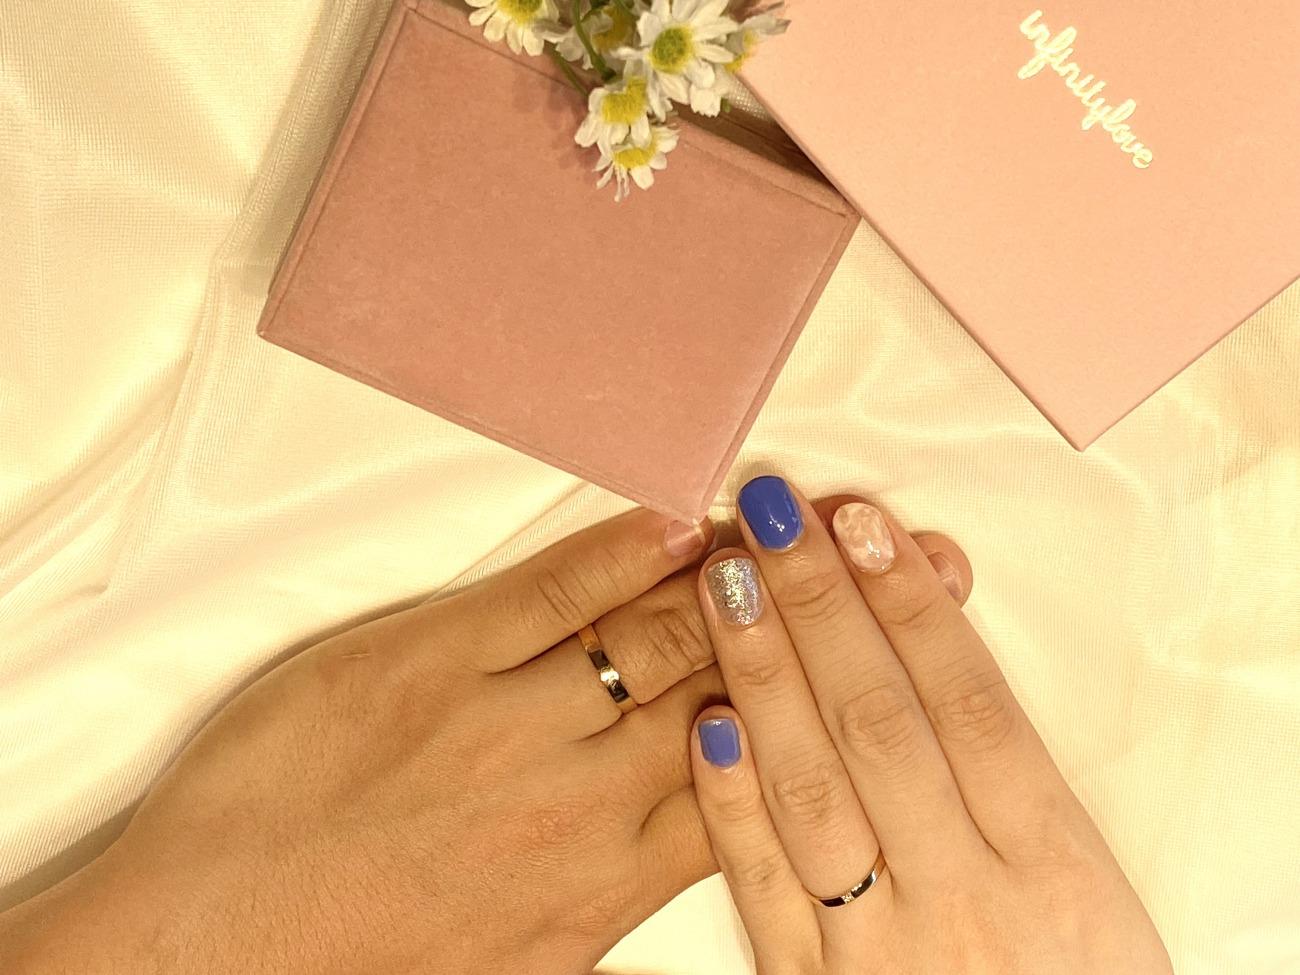 シンプルなピンクゴールドの結婚指輪は肌なじみが良くてお気に入り